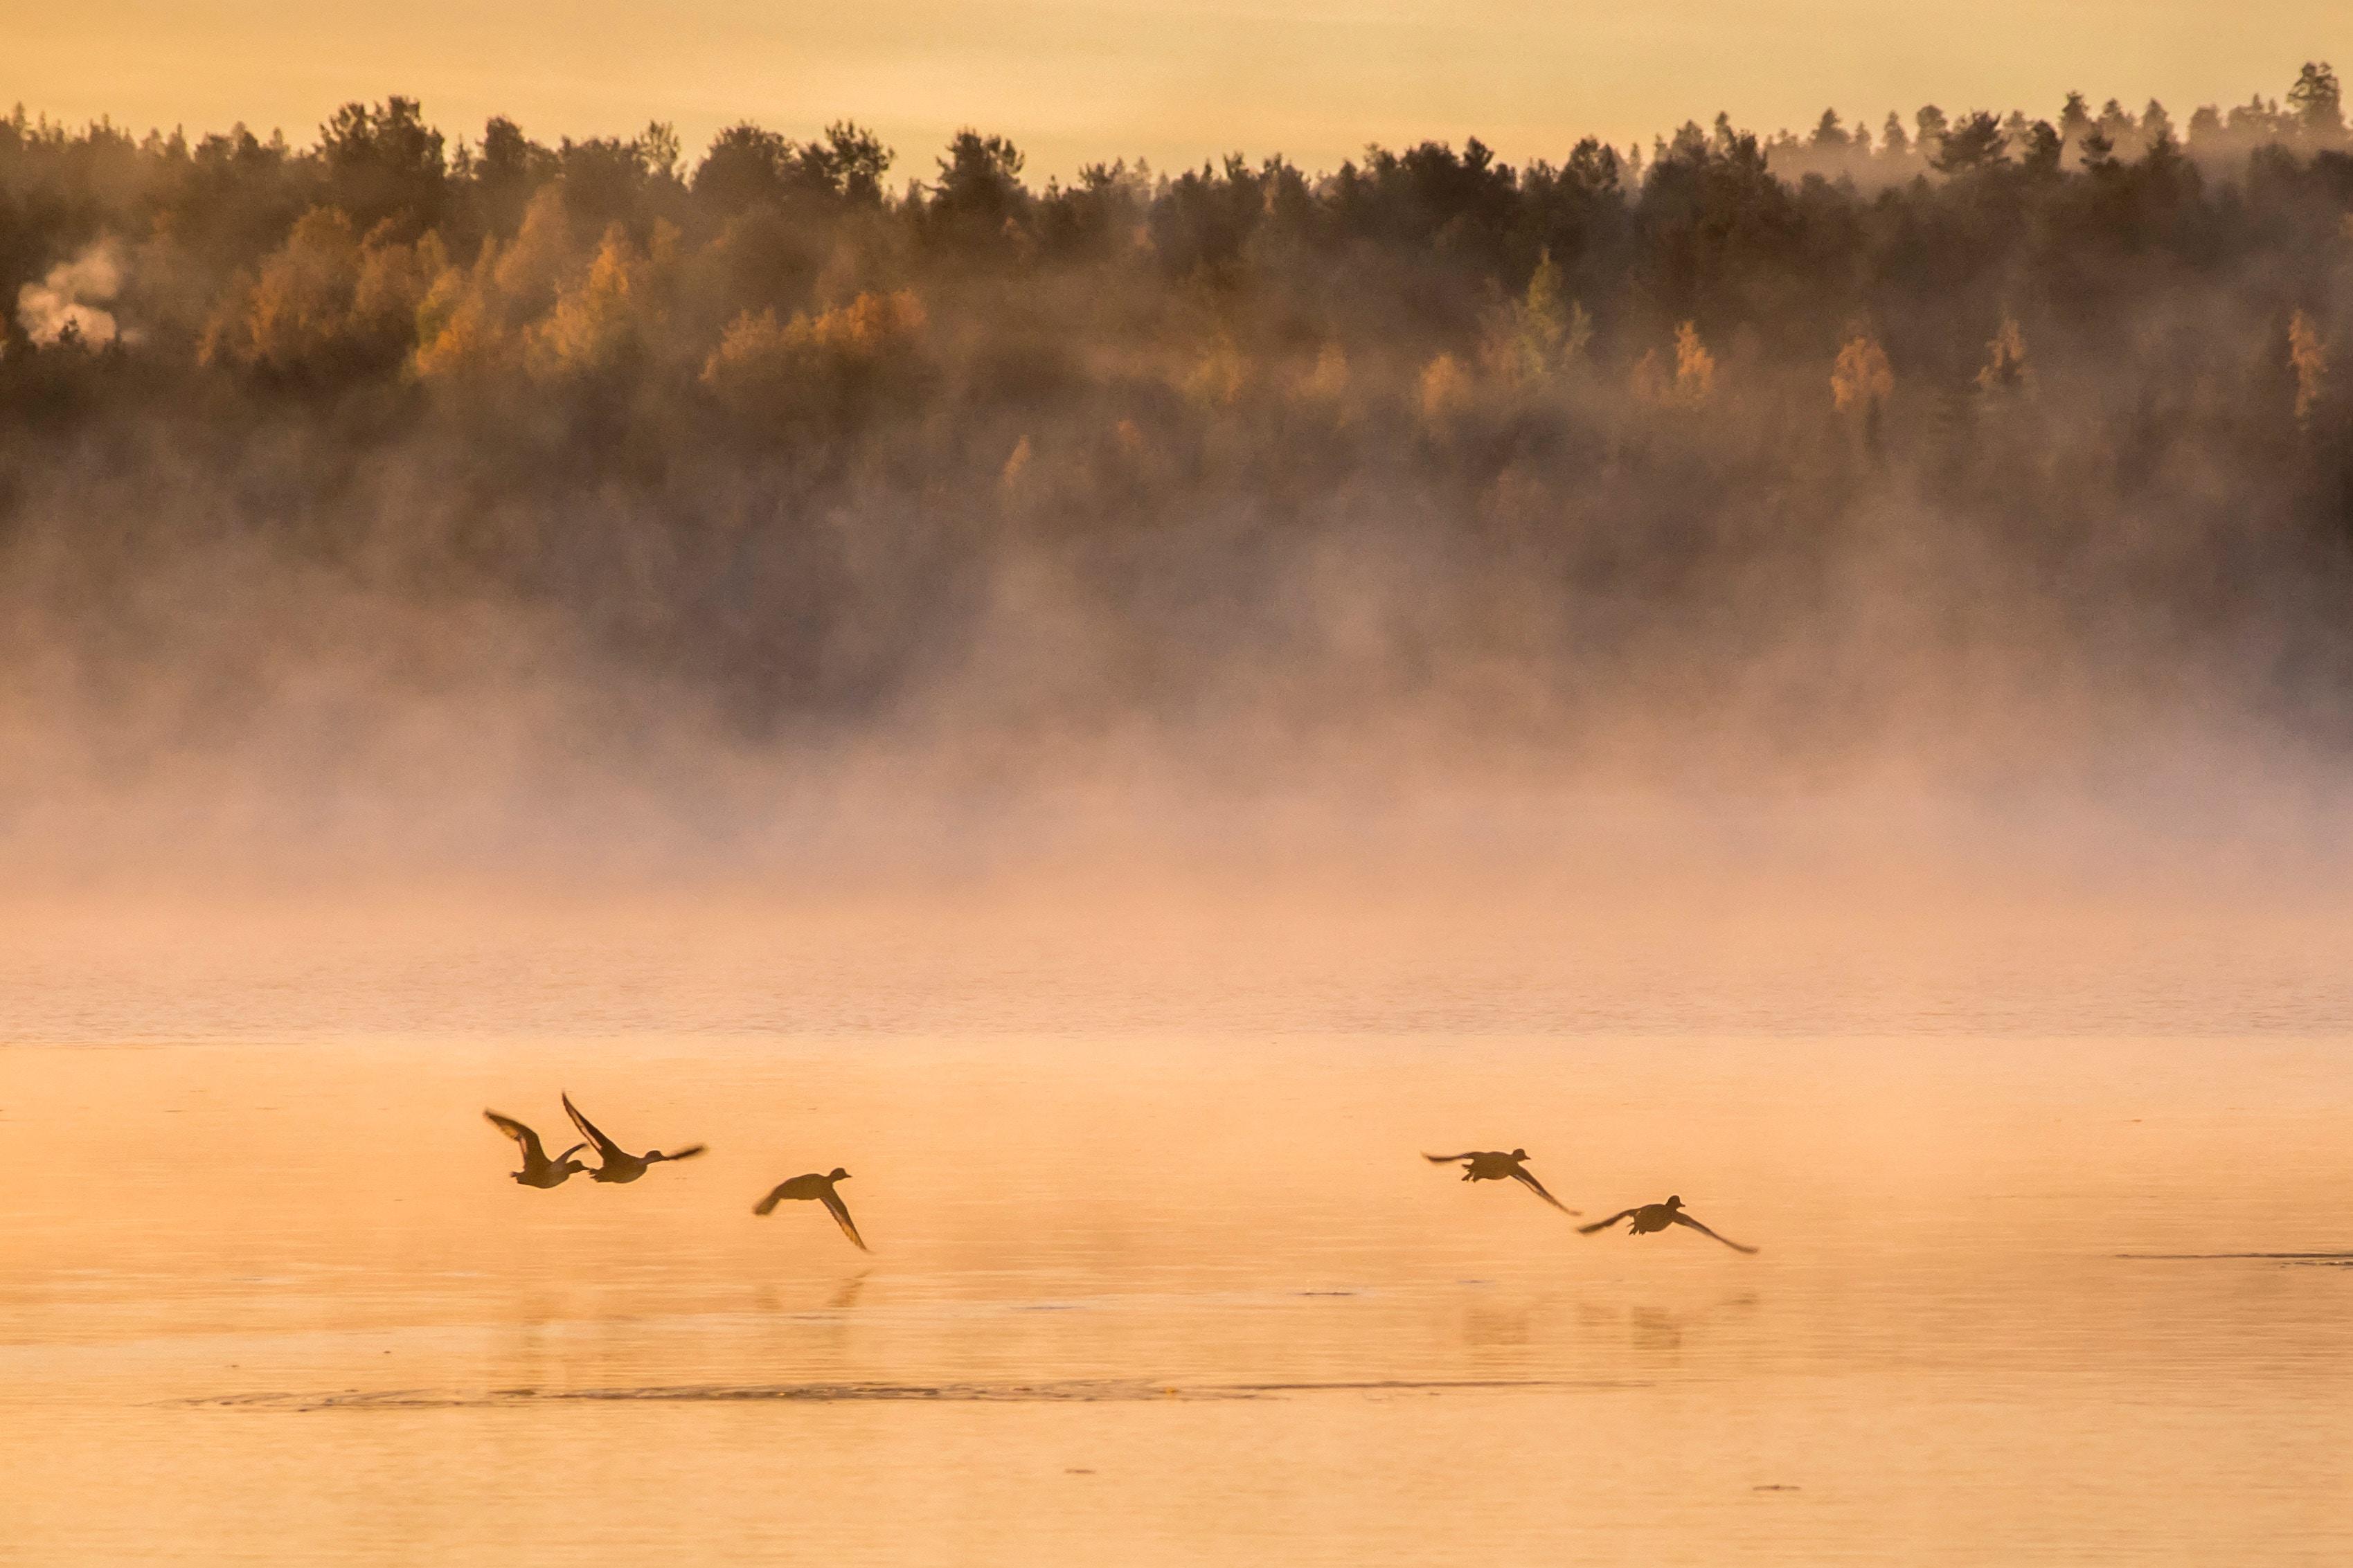 Einmal in Skandinavien Jagen. Der Traum vieler Jäger. Aber was, wenn es kein einmaliges Erlebnis sein muss? Ein Jagdgrundstück in Finnland ist die Lösung.